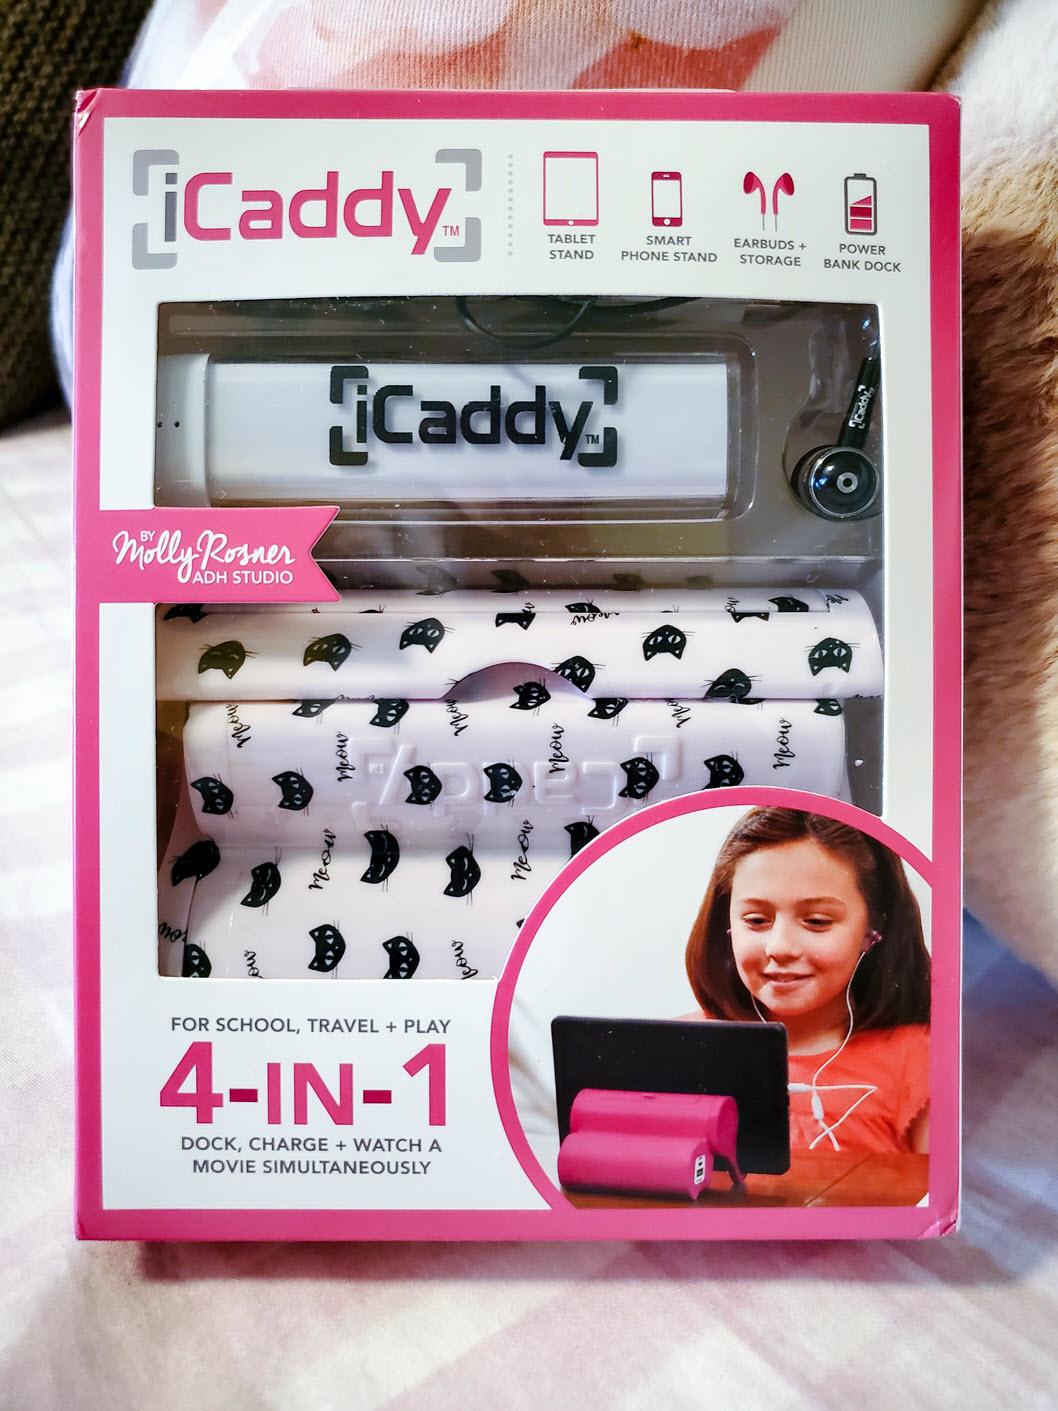 iCaddy